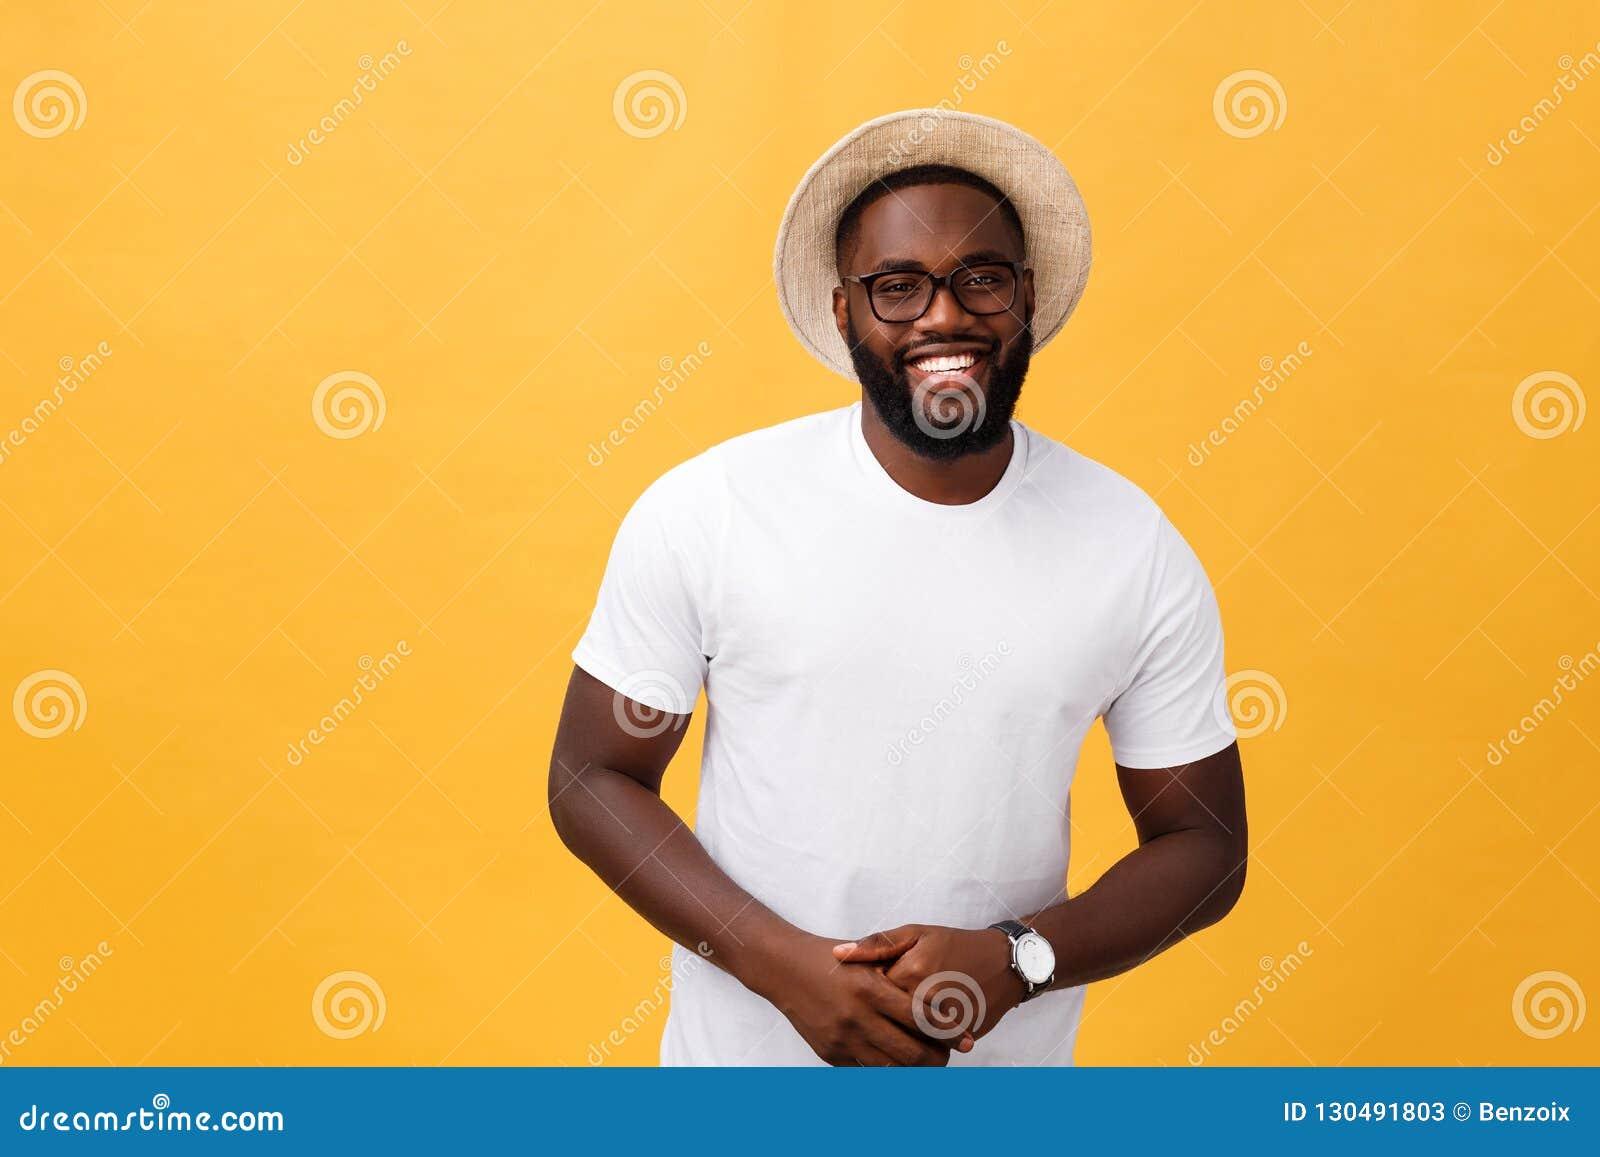 Enkel stilig muskulös svart man med det rakade huvudet, vikta armar och gladlynt uttryck